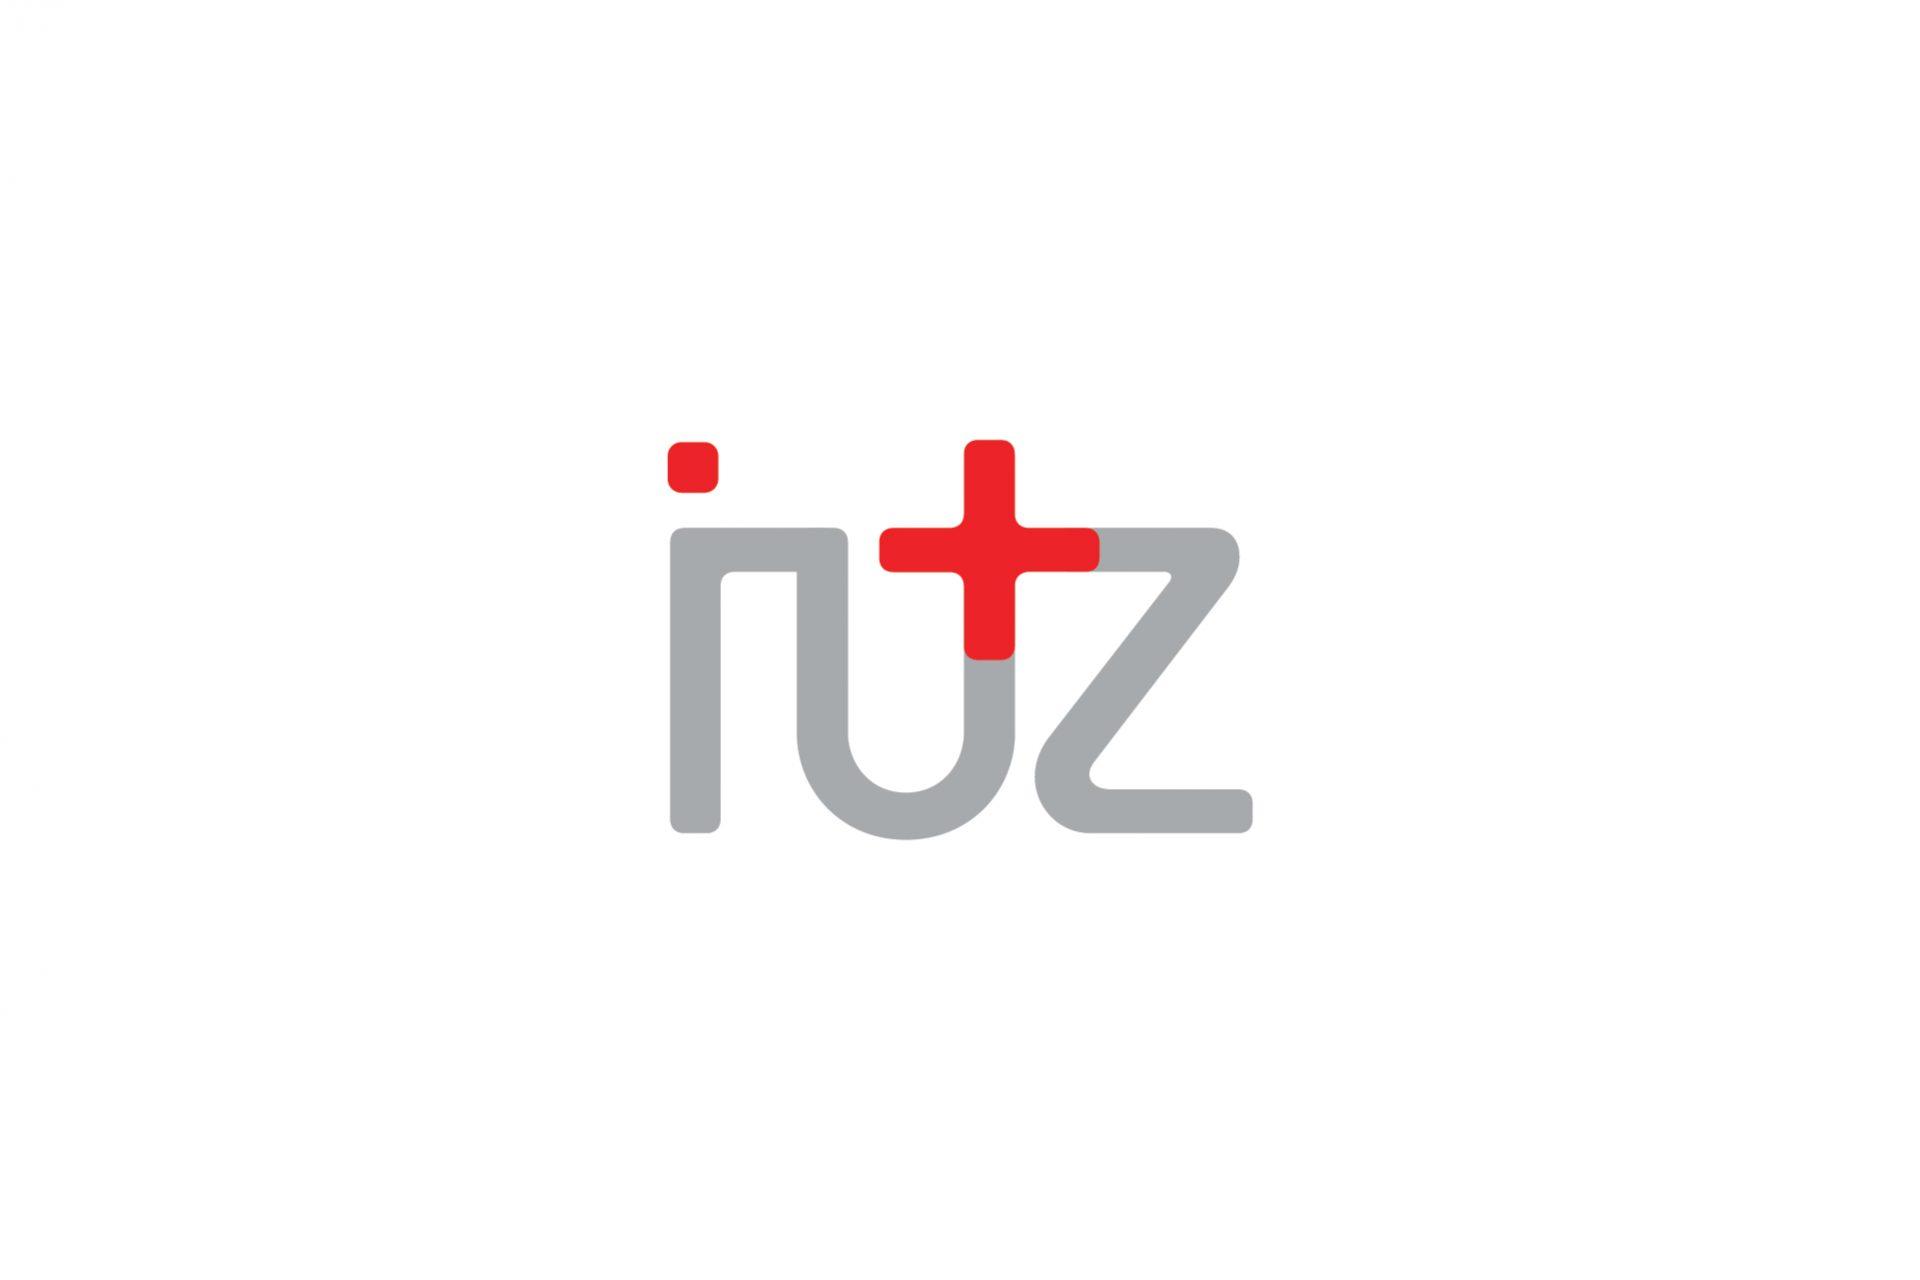 logo-znak-iuz